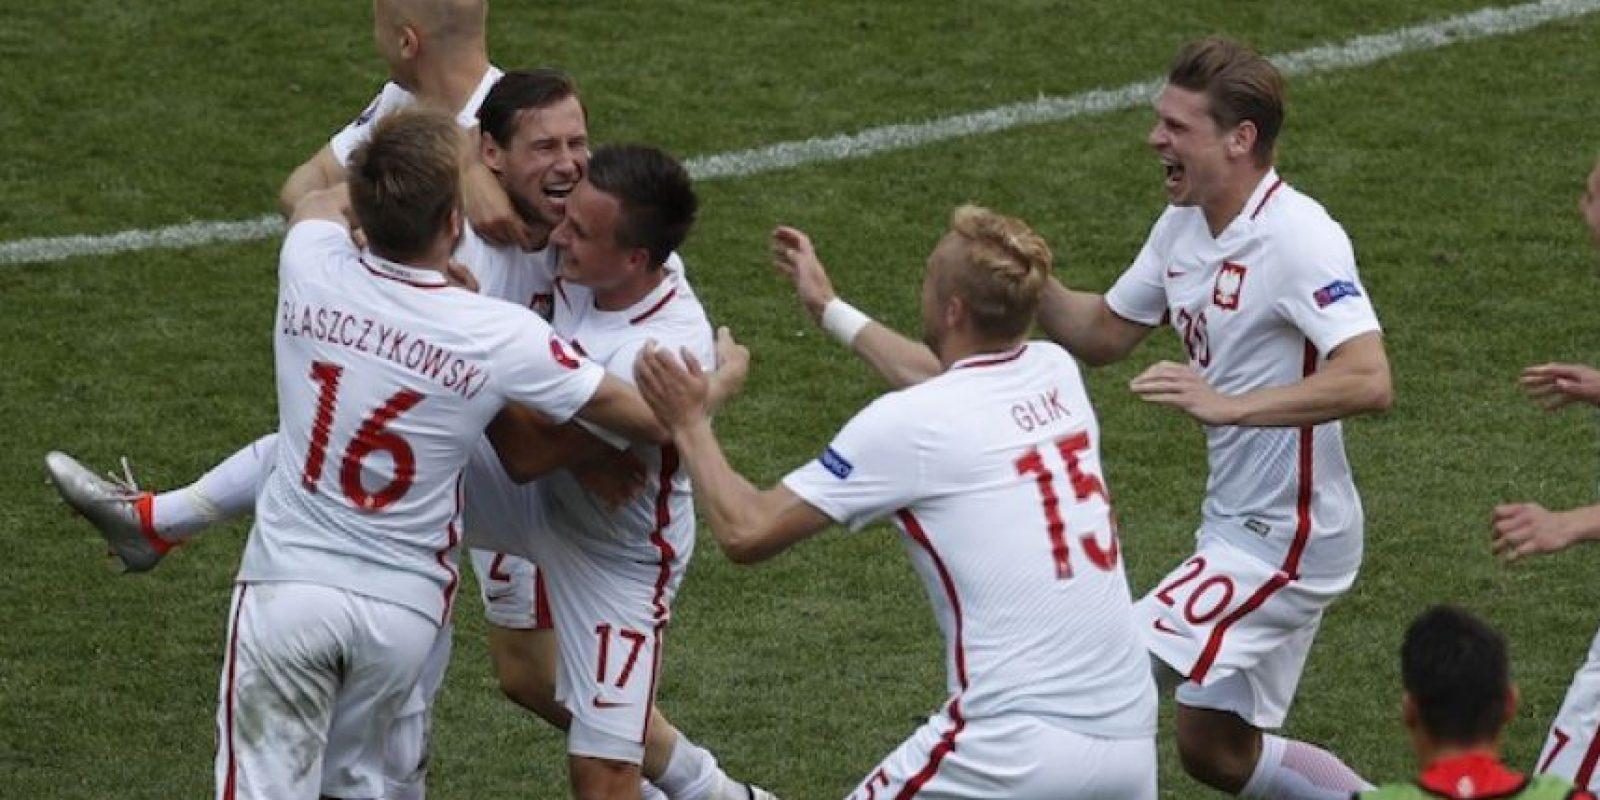 Polonia es el primer clasificado a los cuartos de final de la UEFA Euro 2016. Foto:AP